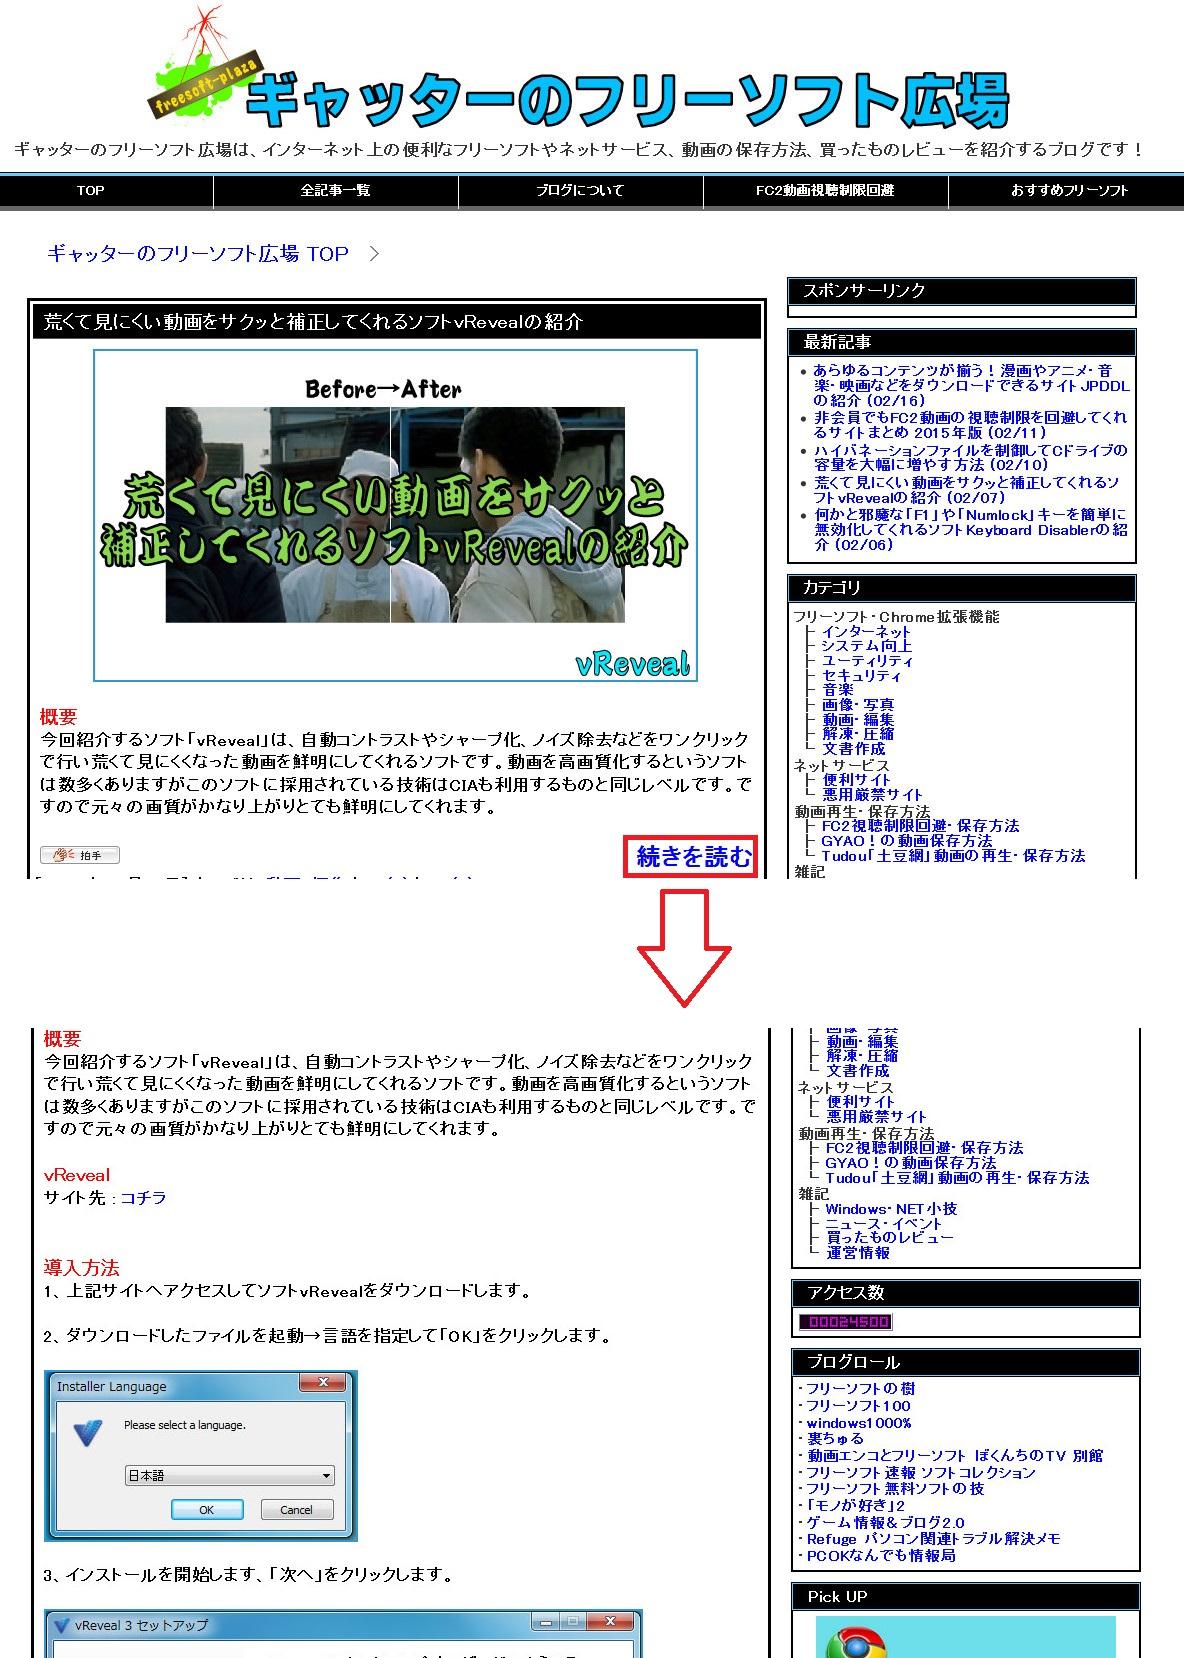 ブログをまるごと保存7 09-04-05-289